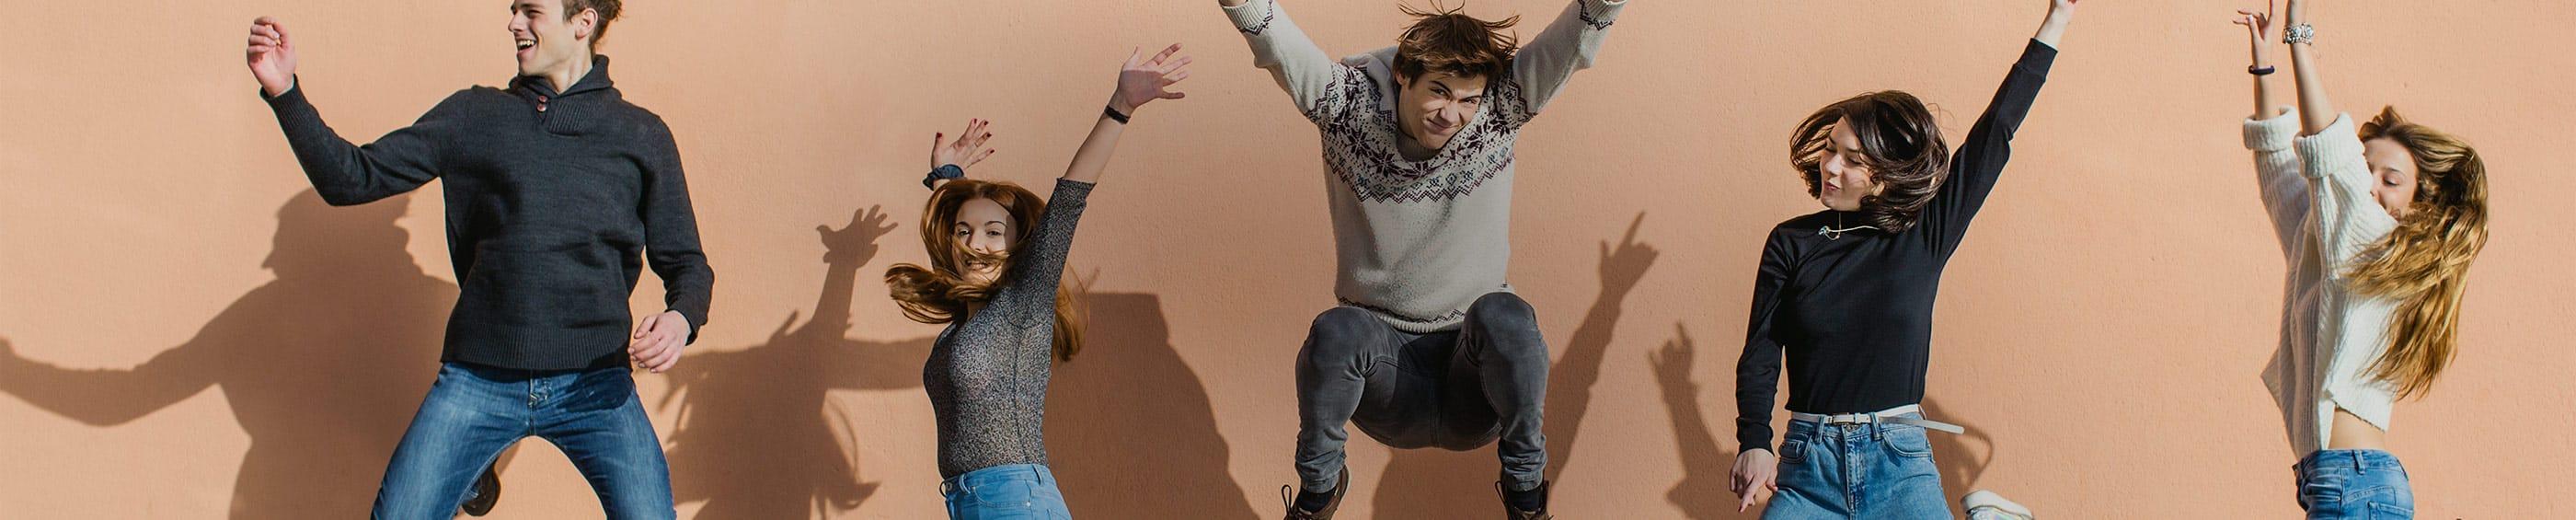 Tökéletes időzítésű kép egy baráti csoportról, akik felemelt karokkal a levegőbe ugranak